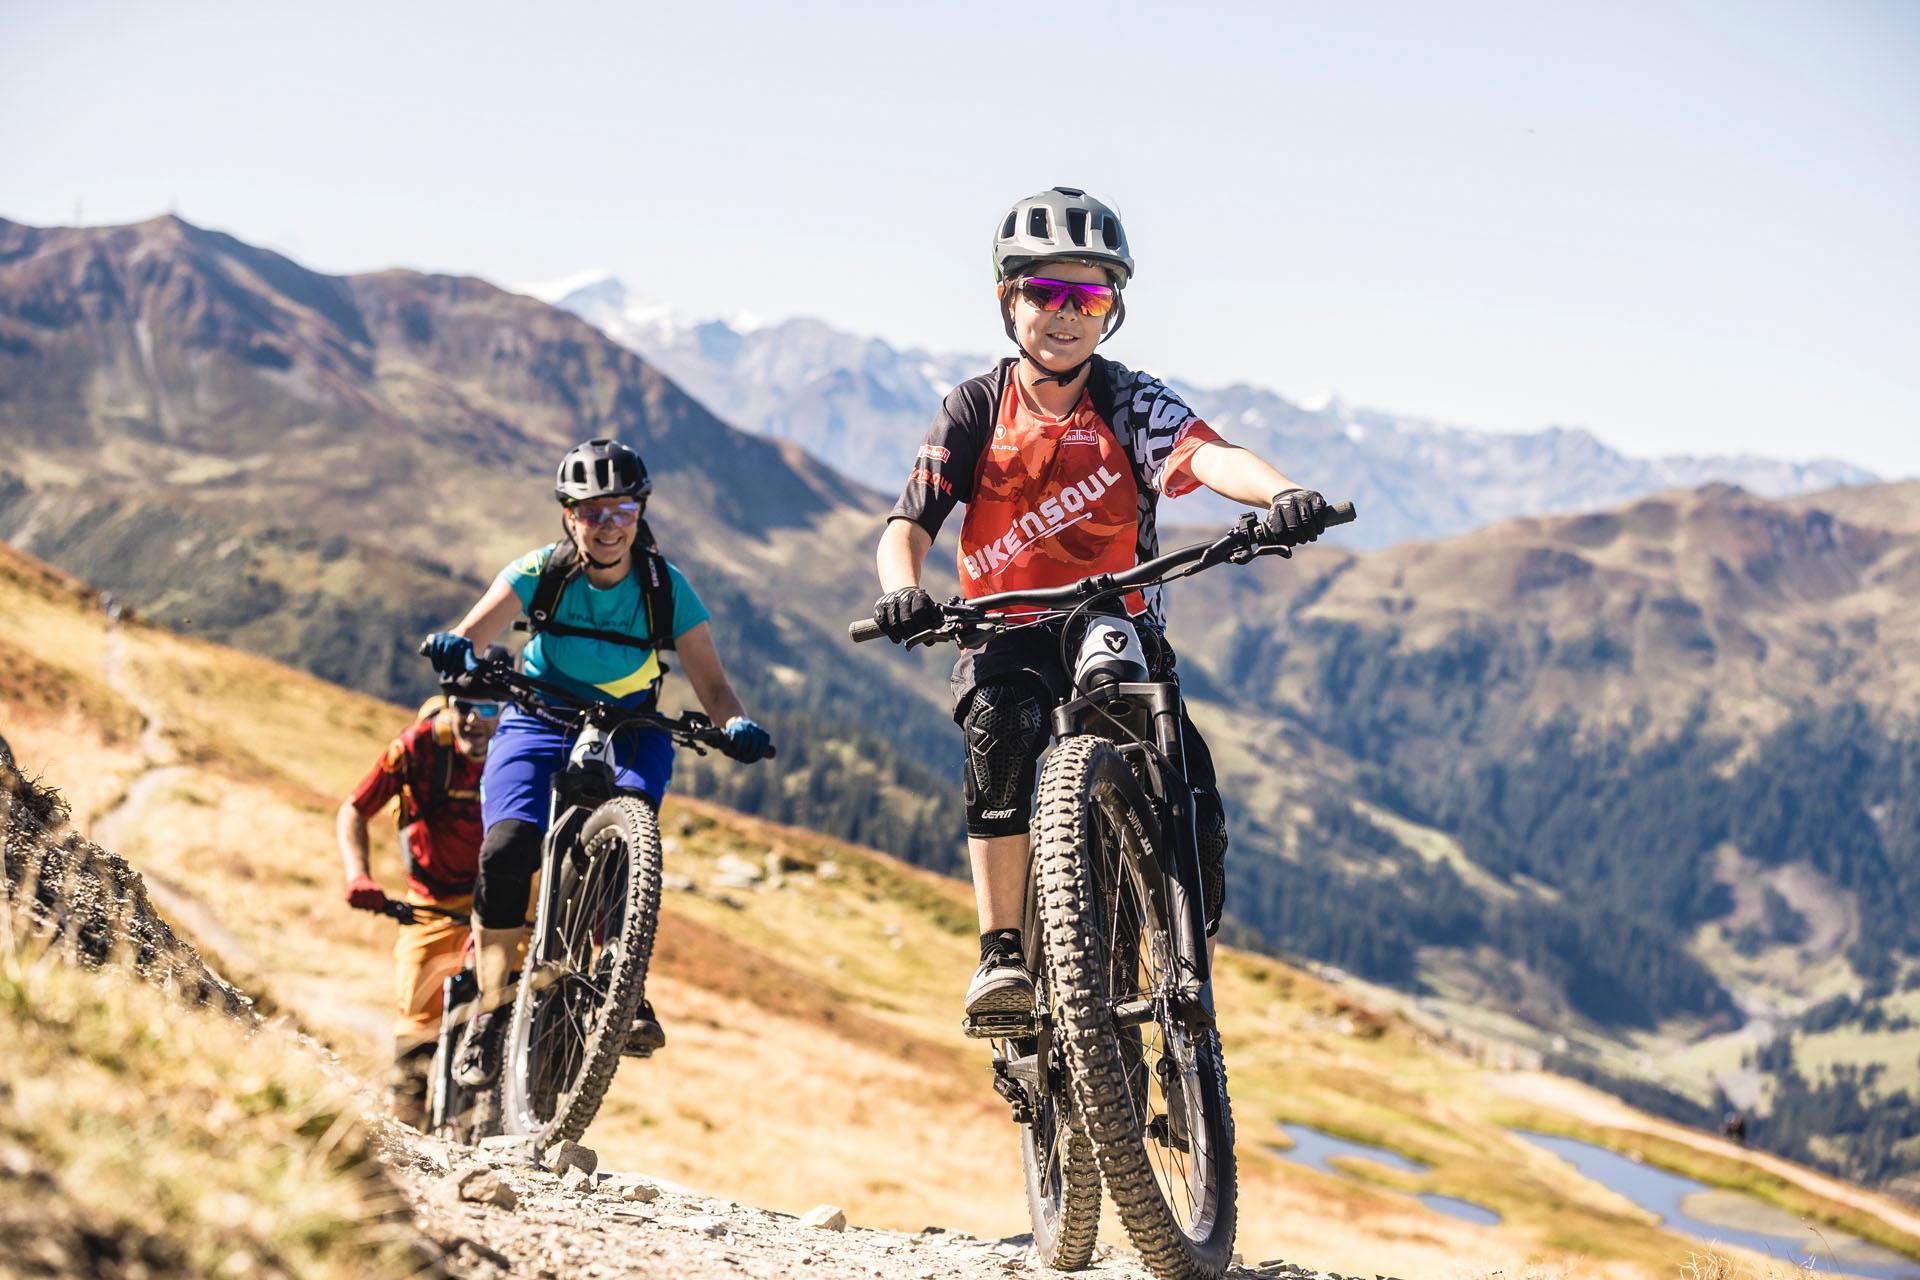 Bike'n Soul Mountainbike Tour